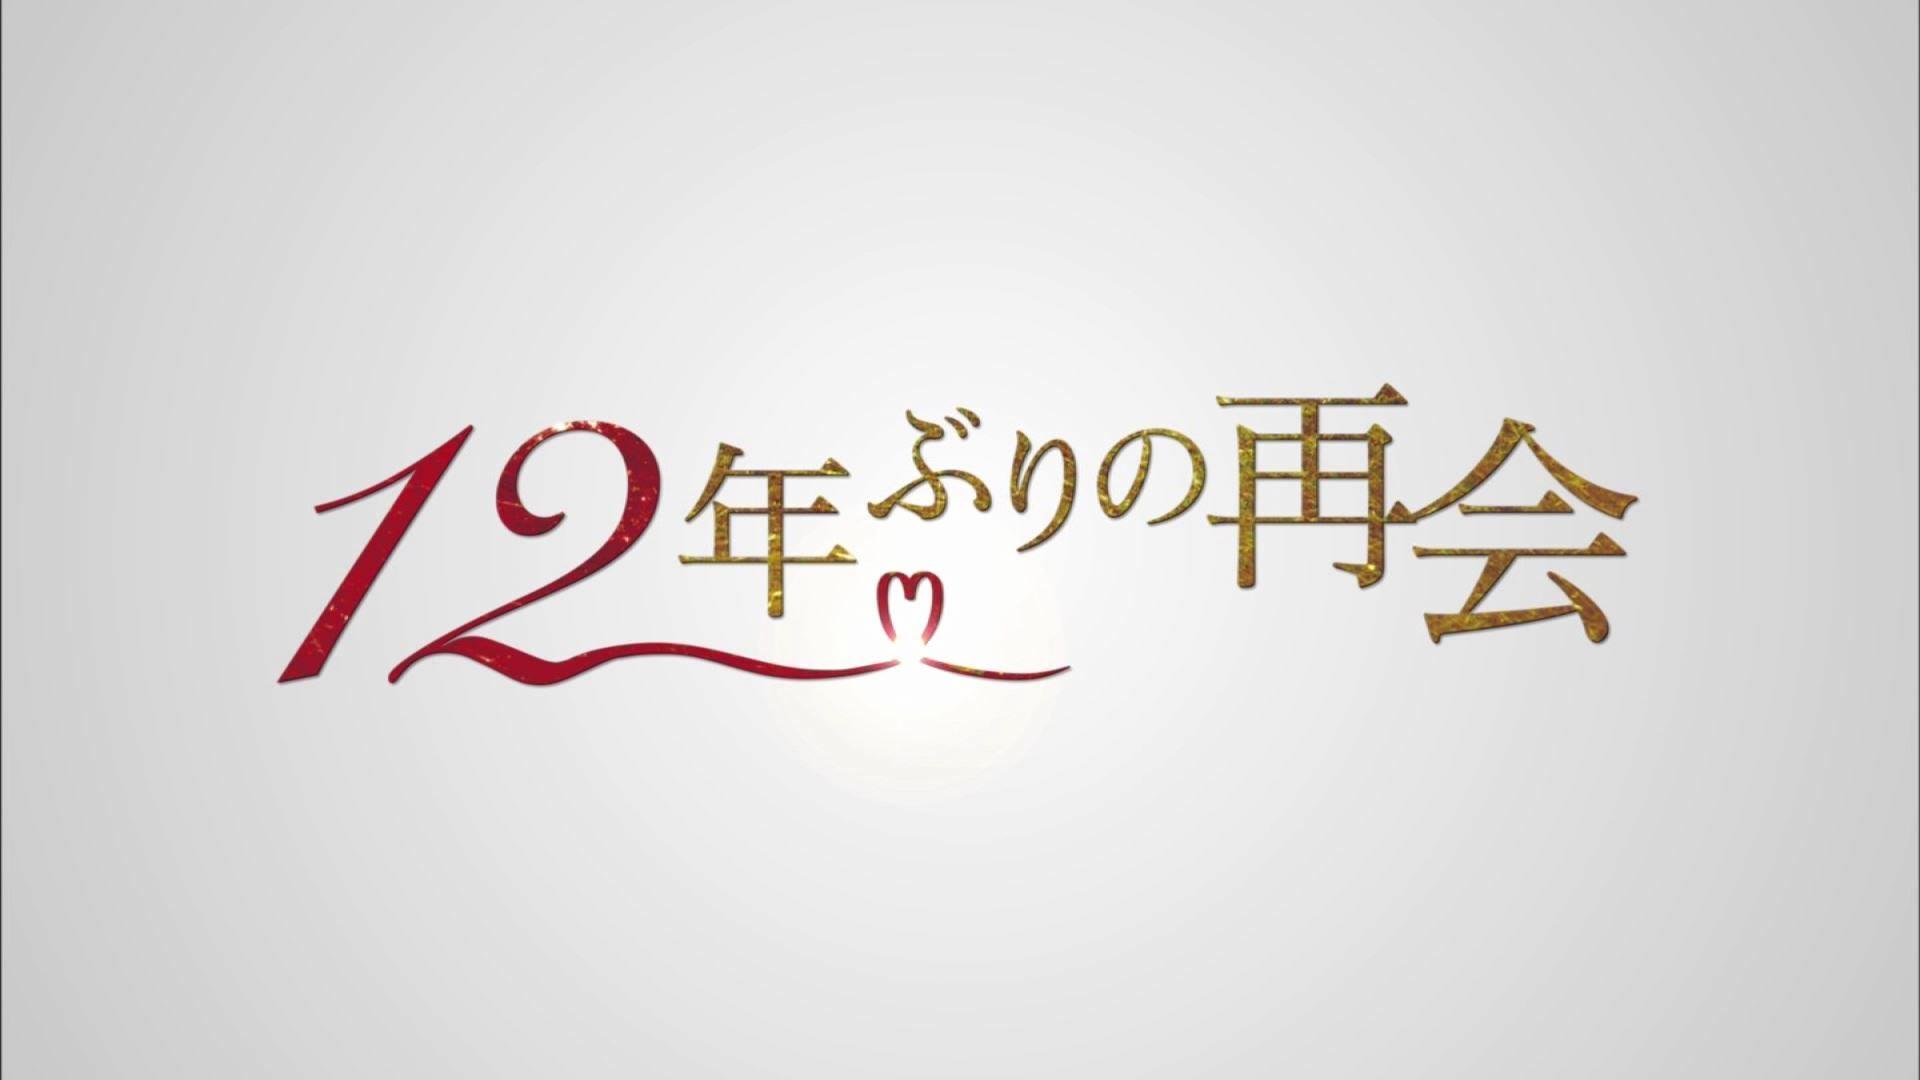 12年ぶりの再会 あらすじ ネタバレ キャスト